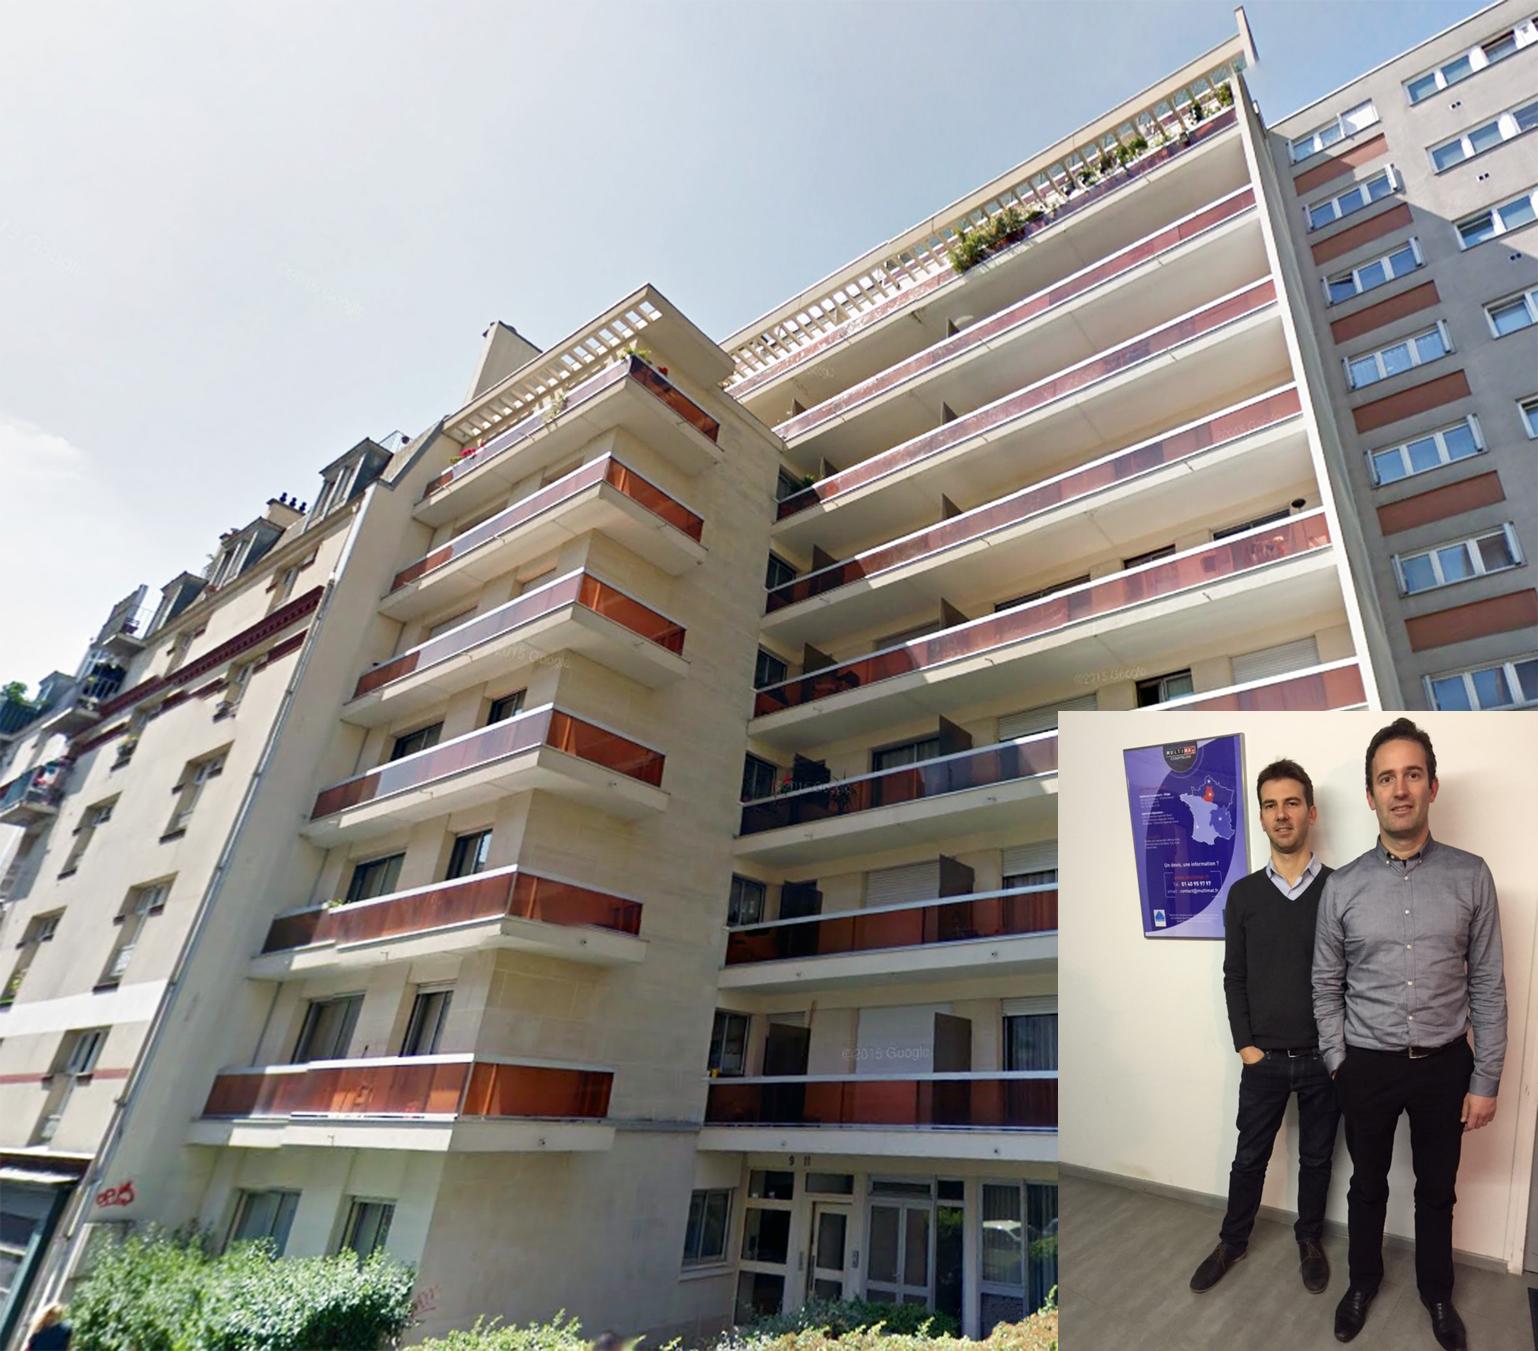 Immeuble rue du Télégraphe, Paris 75020 (Stéphane & Florent Giacomoni)